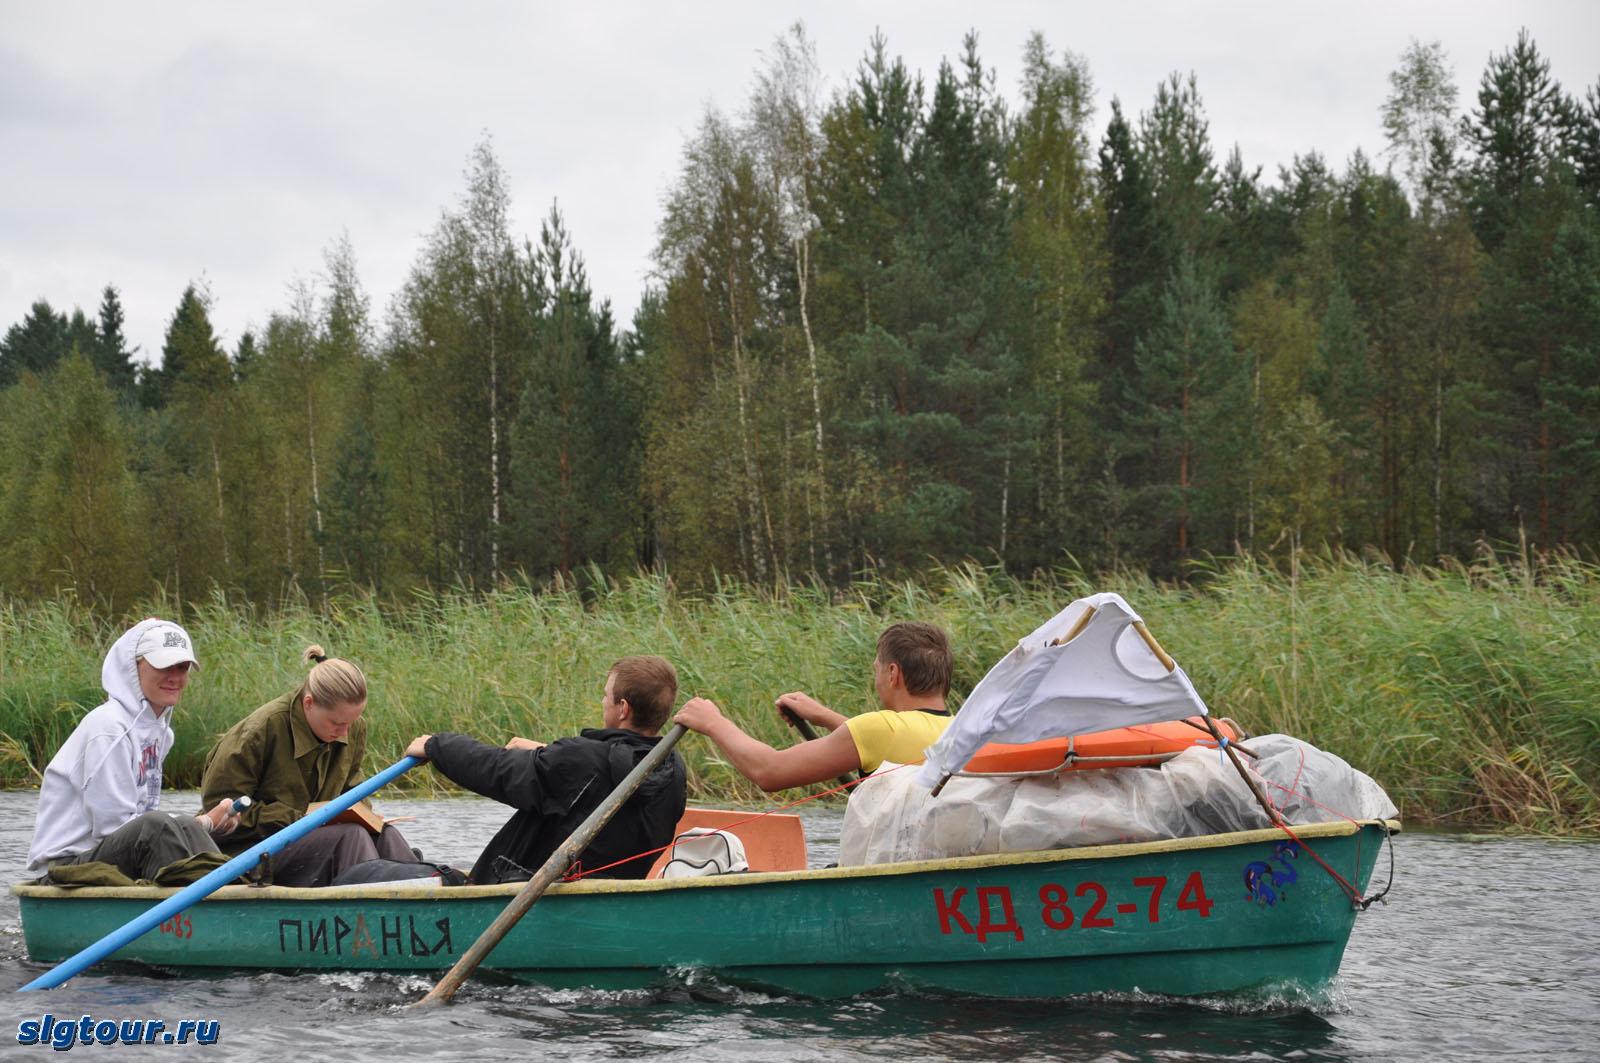 аренда лодки для сплава по реке